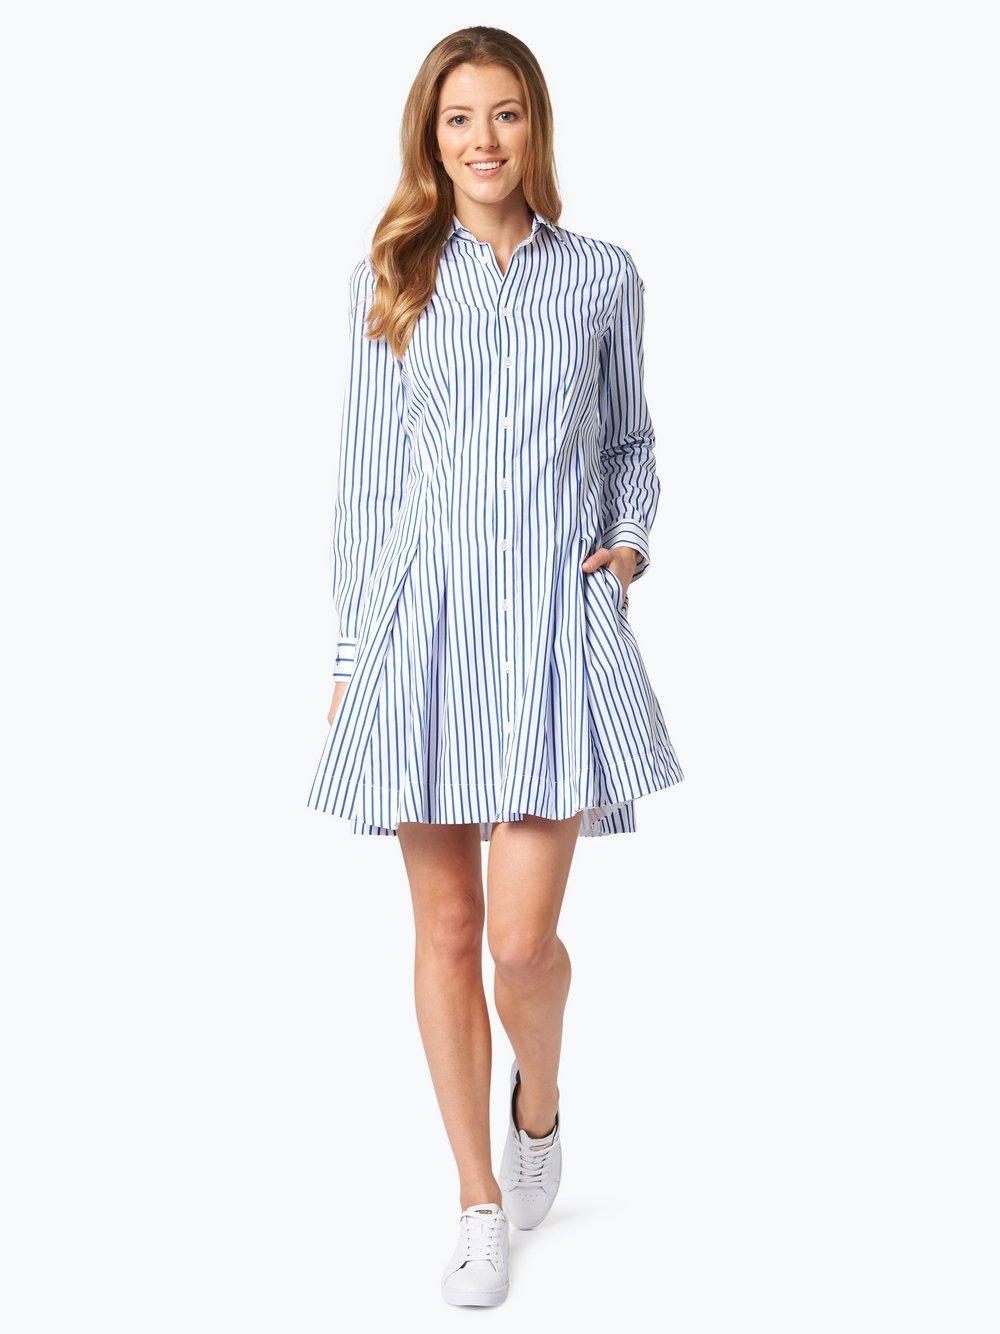 Polo Ralph Lauren Damen Kleid online kaufen   PEEK UND